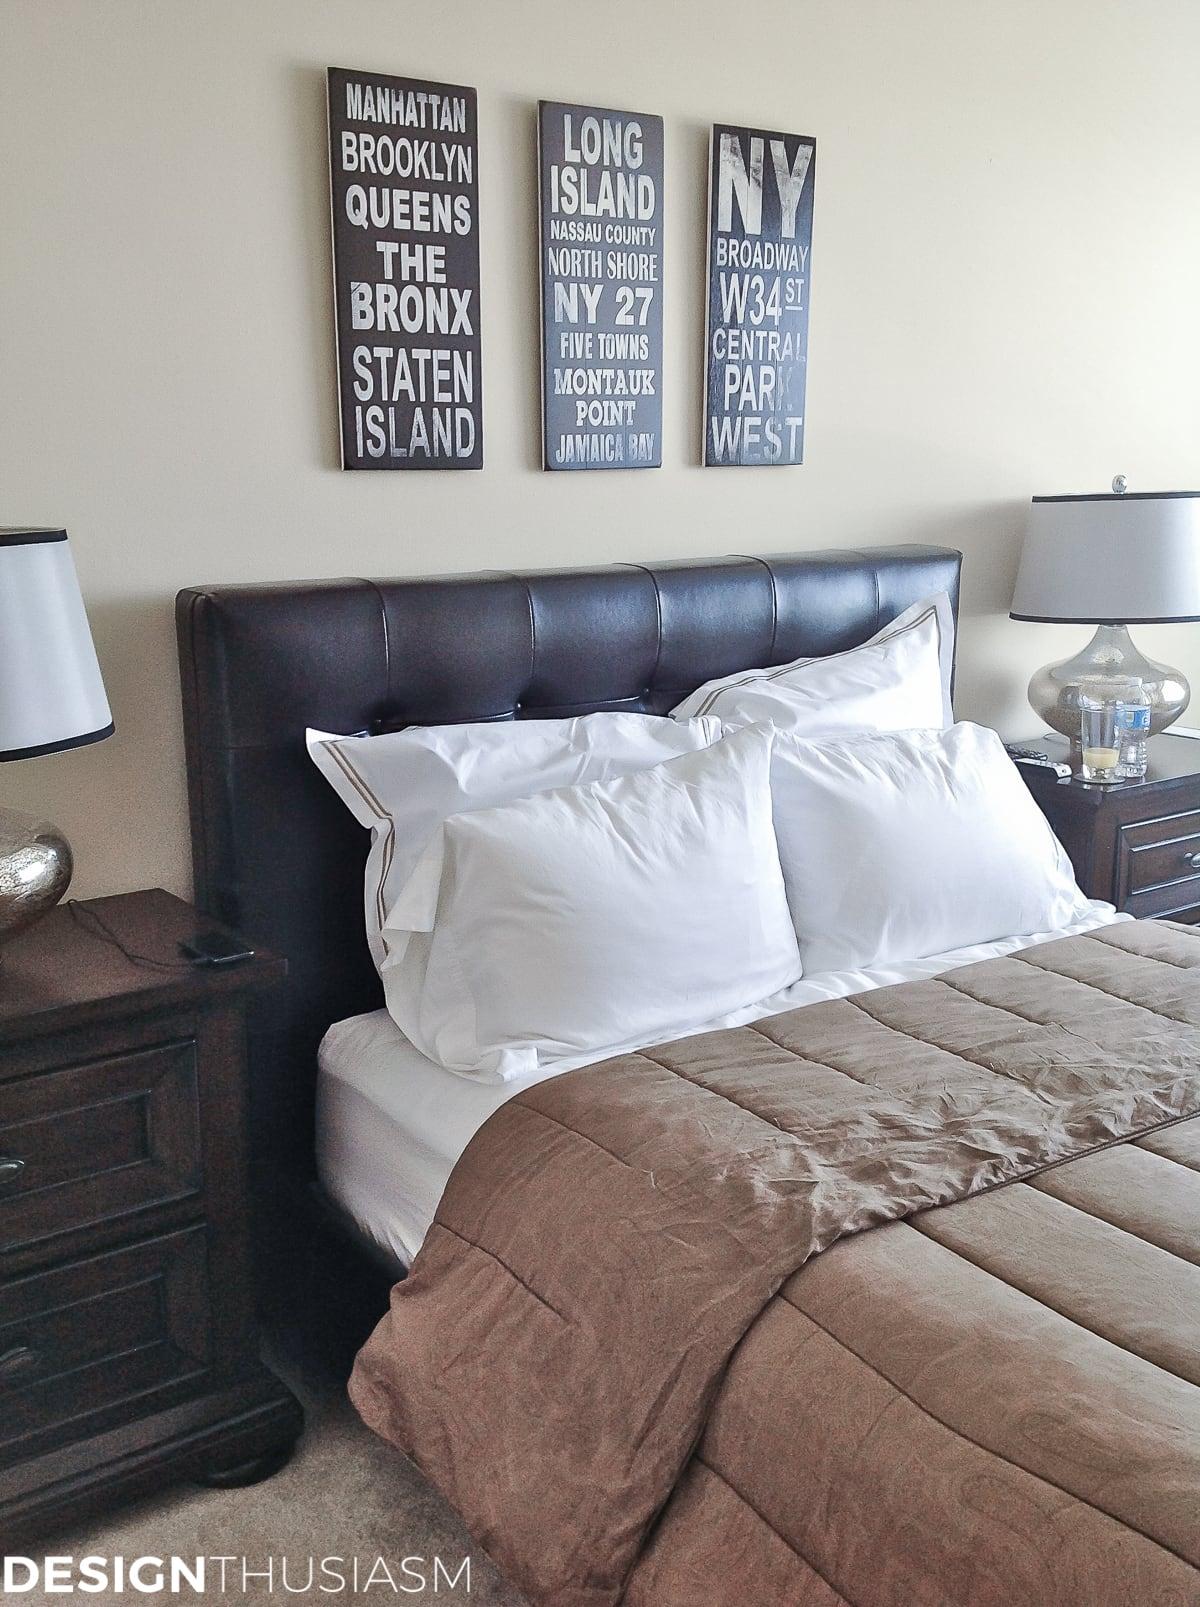 Bachelor Pad Decor: Mens Bedroom Ideas | Designthusiasm.com